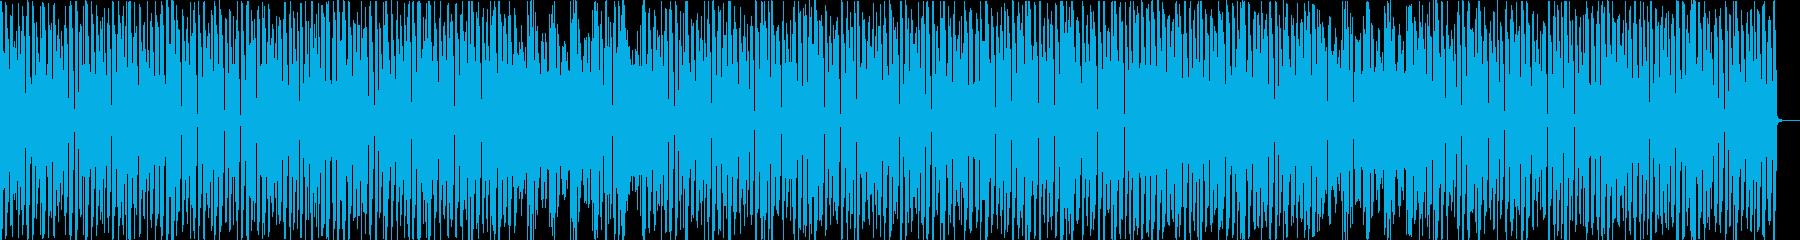 コミカル/楽しい/カラオケの再生済みの波形